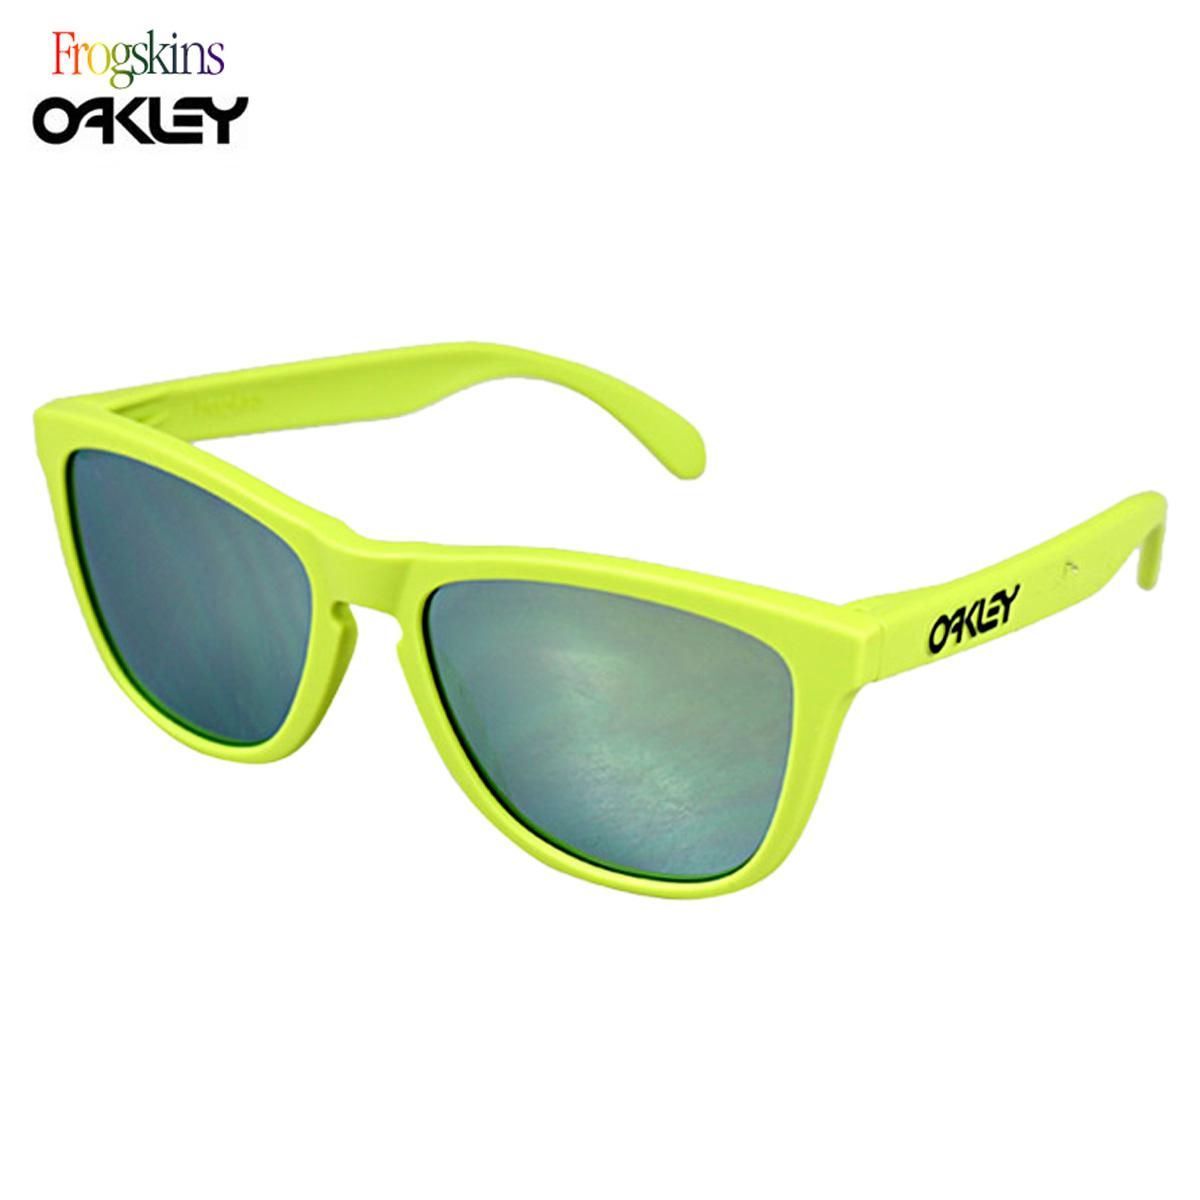 oakley online store